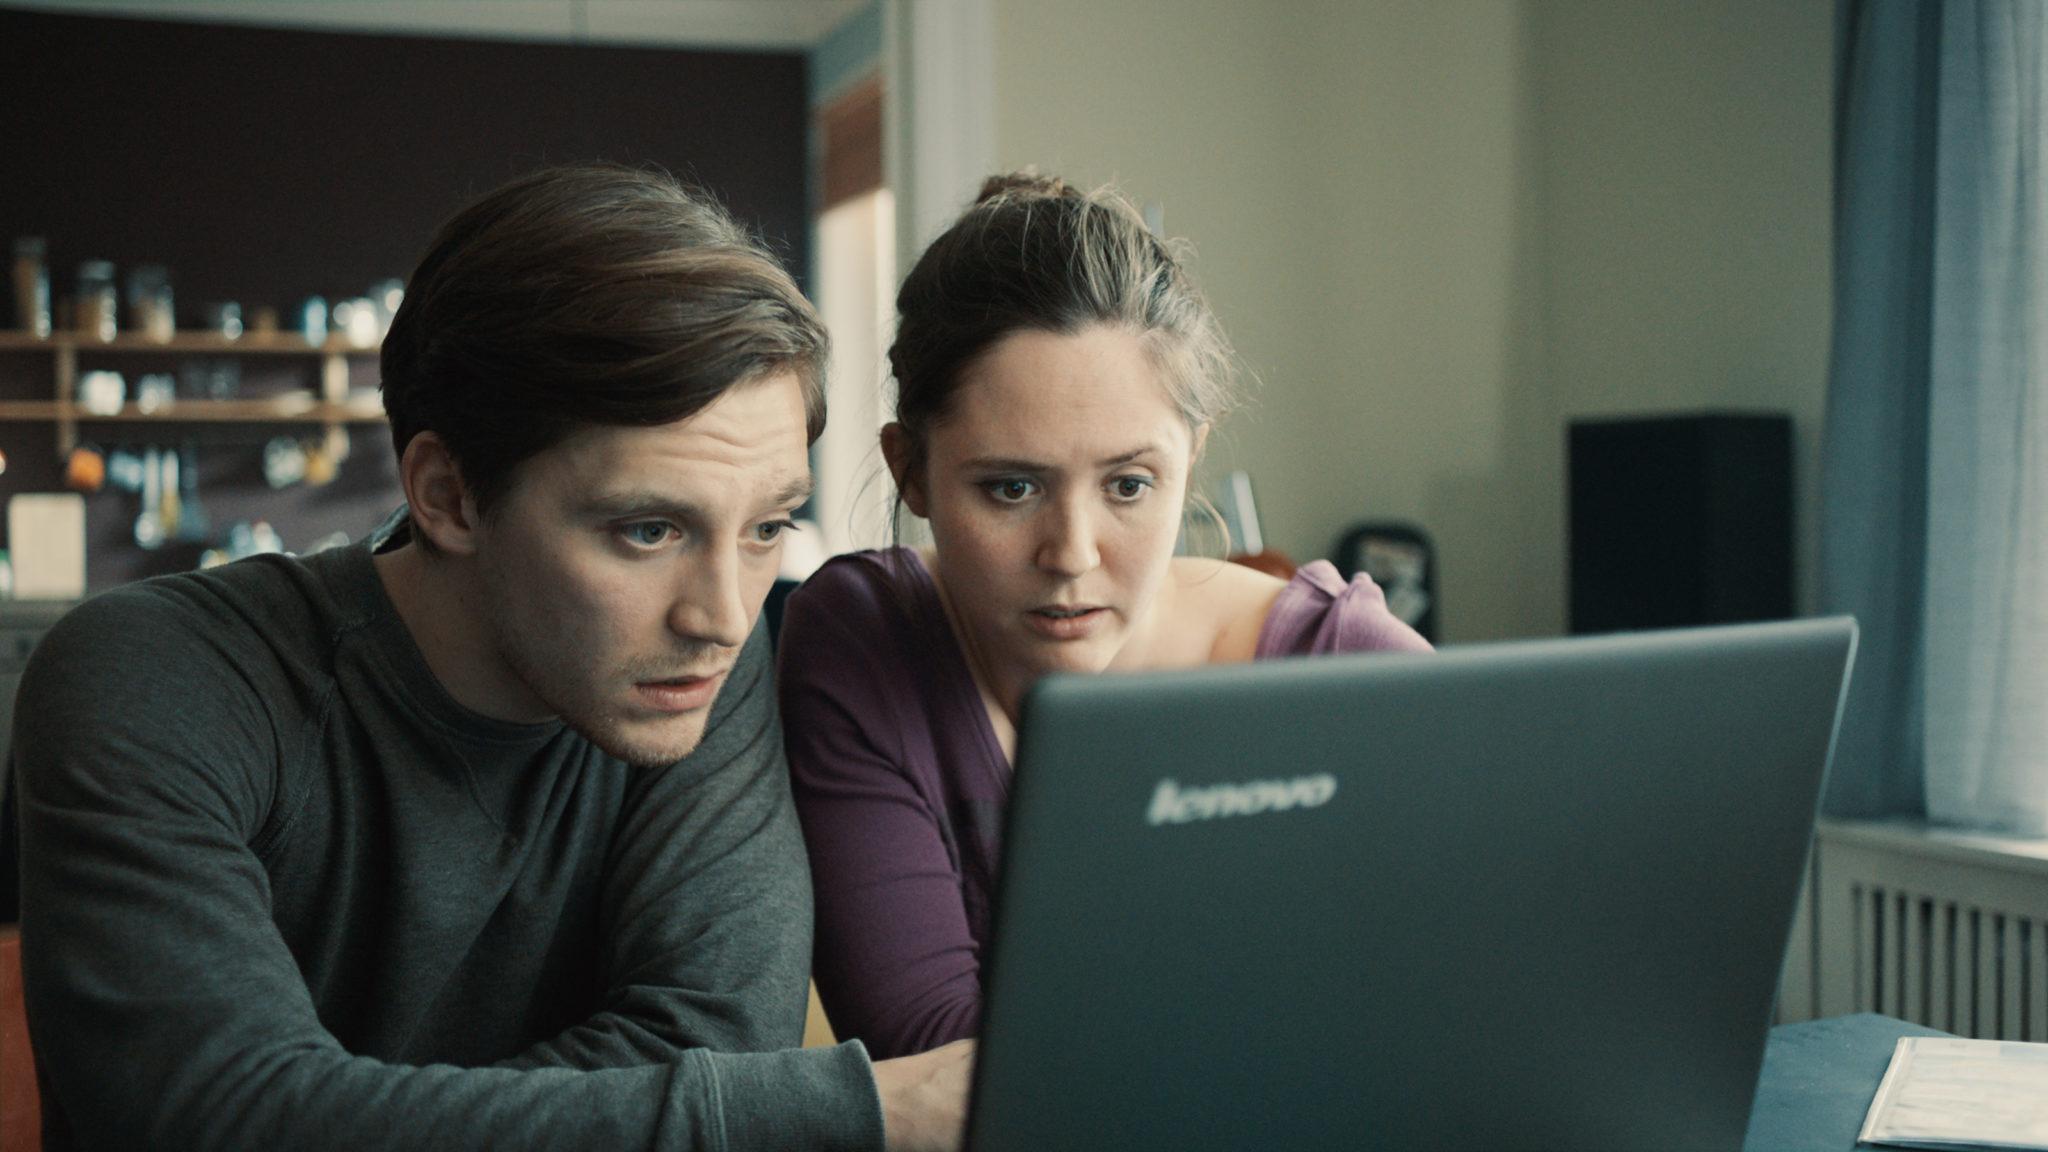 Lilly und Kumpel Max sitzen in Nur ein Augenblick in der Hamburger Wohnung und blicken entsetzt auf den Laptop.